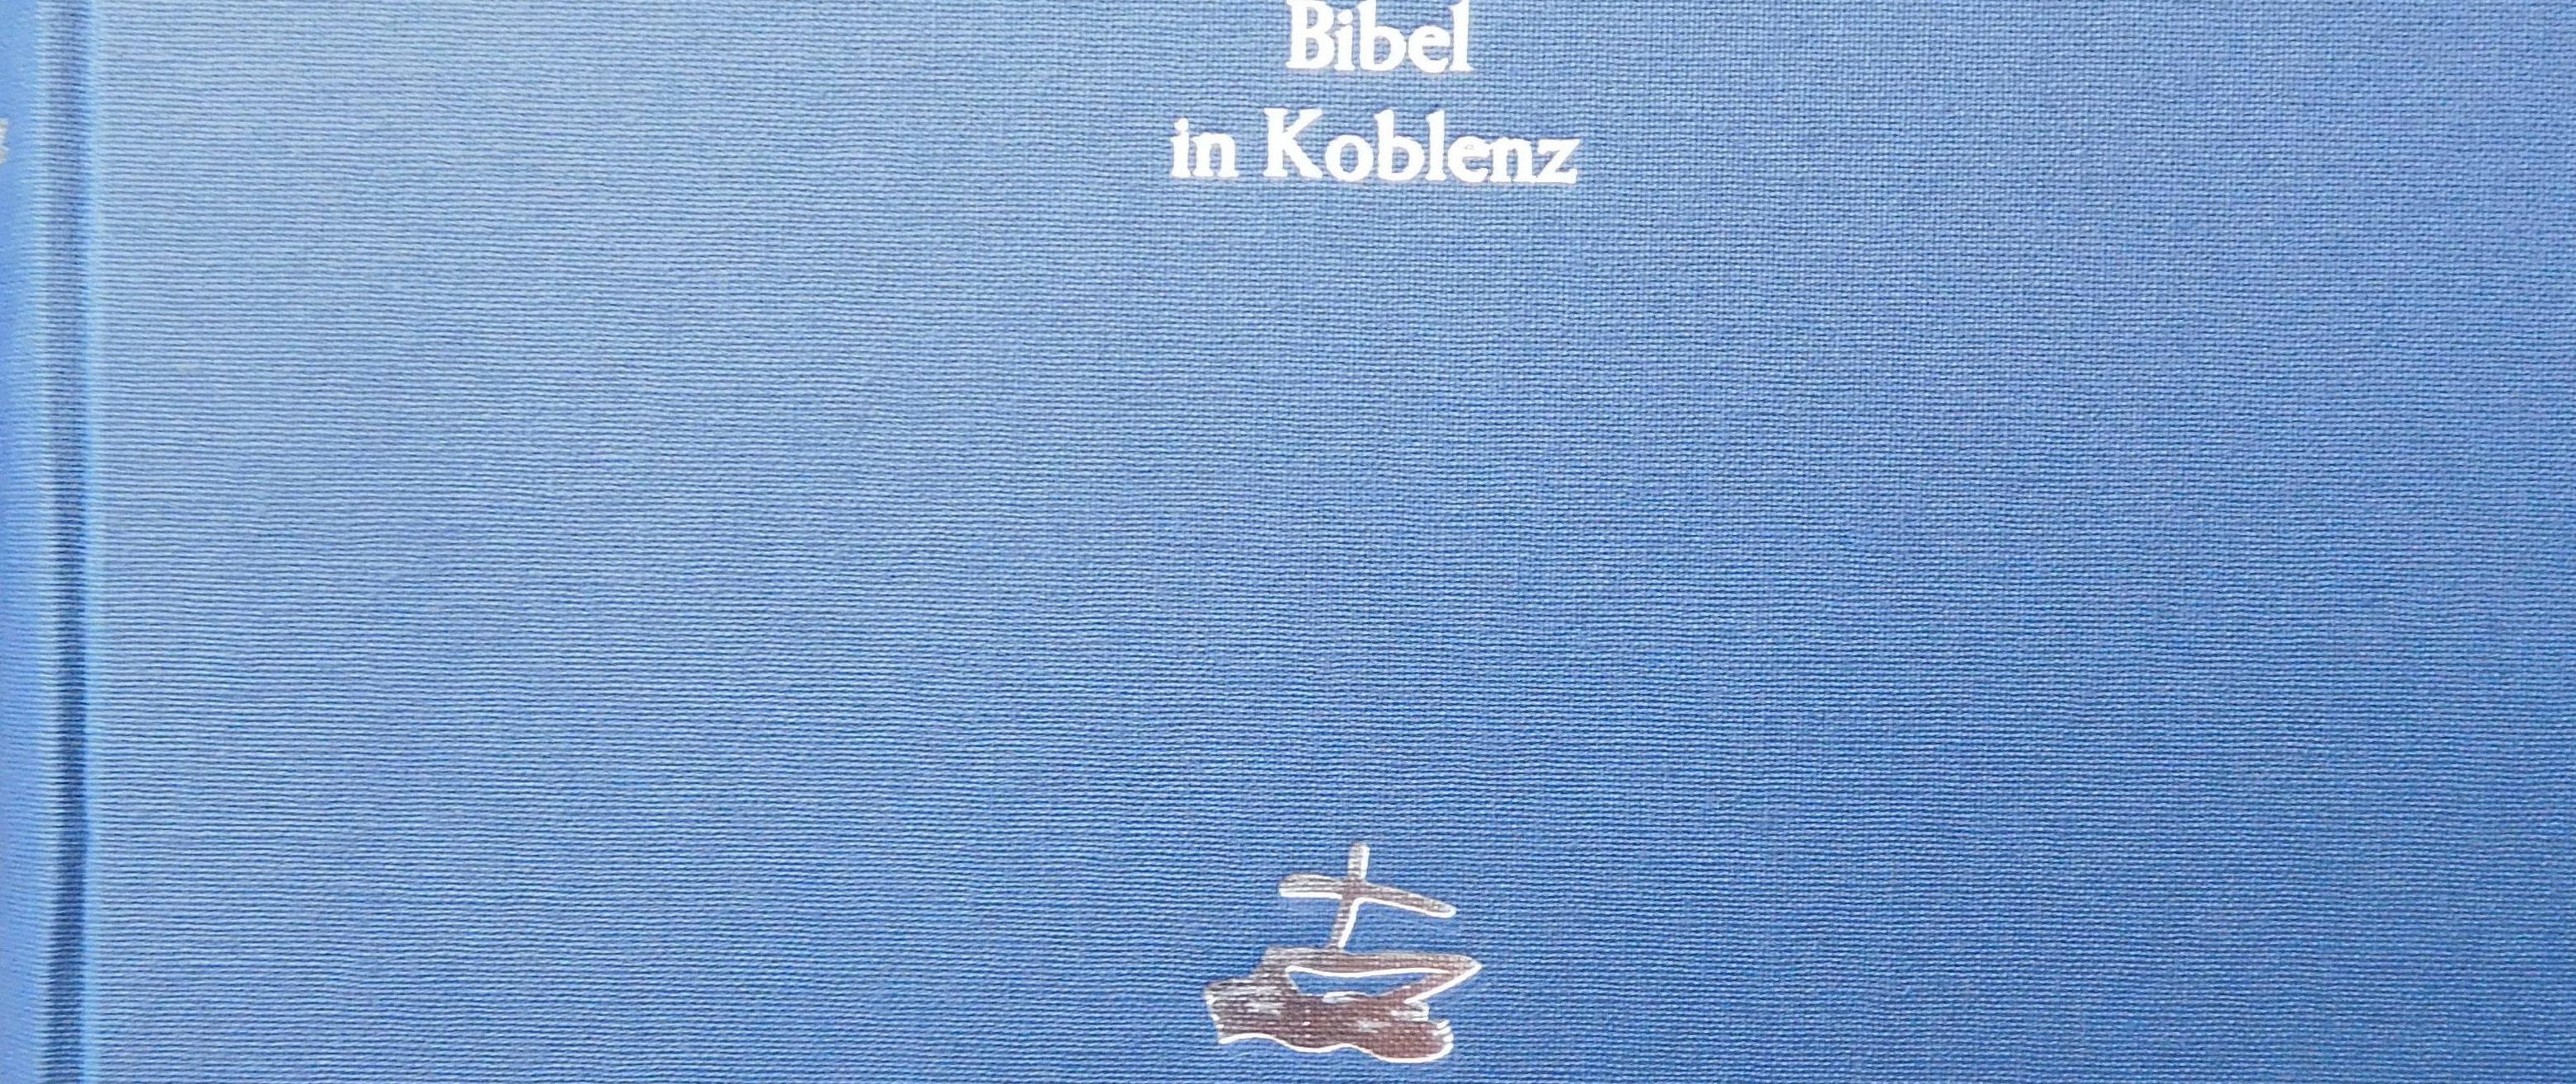 Bibel in Koblenz